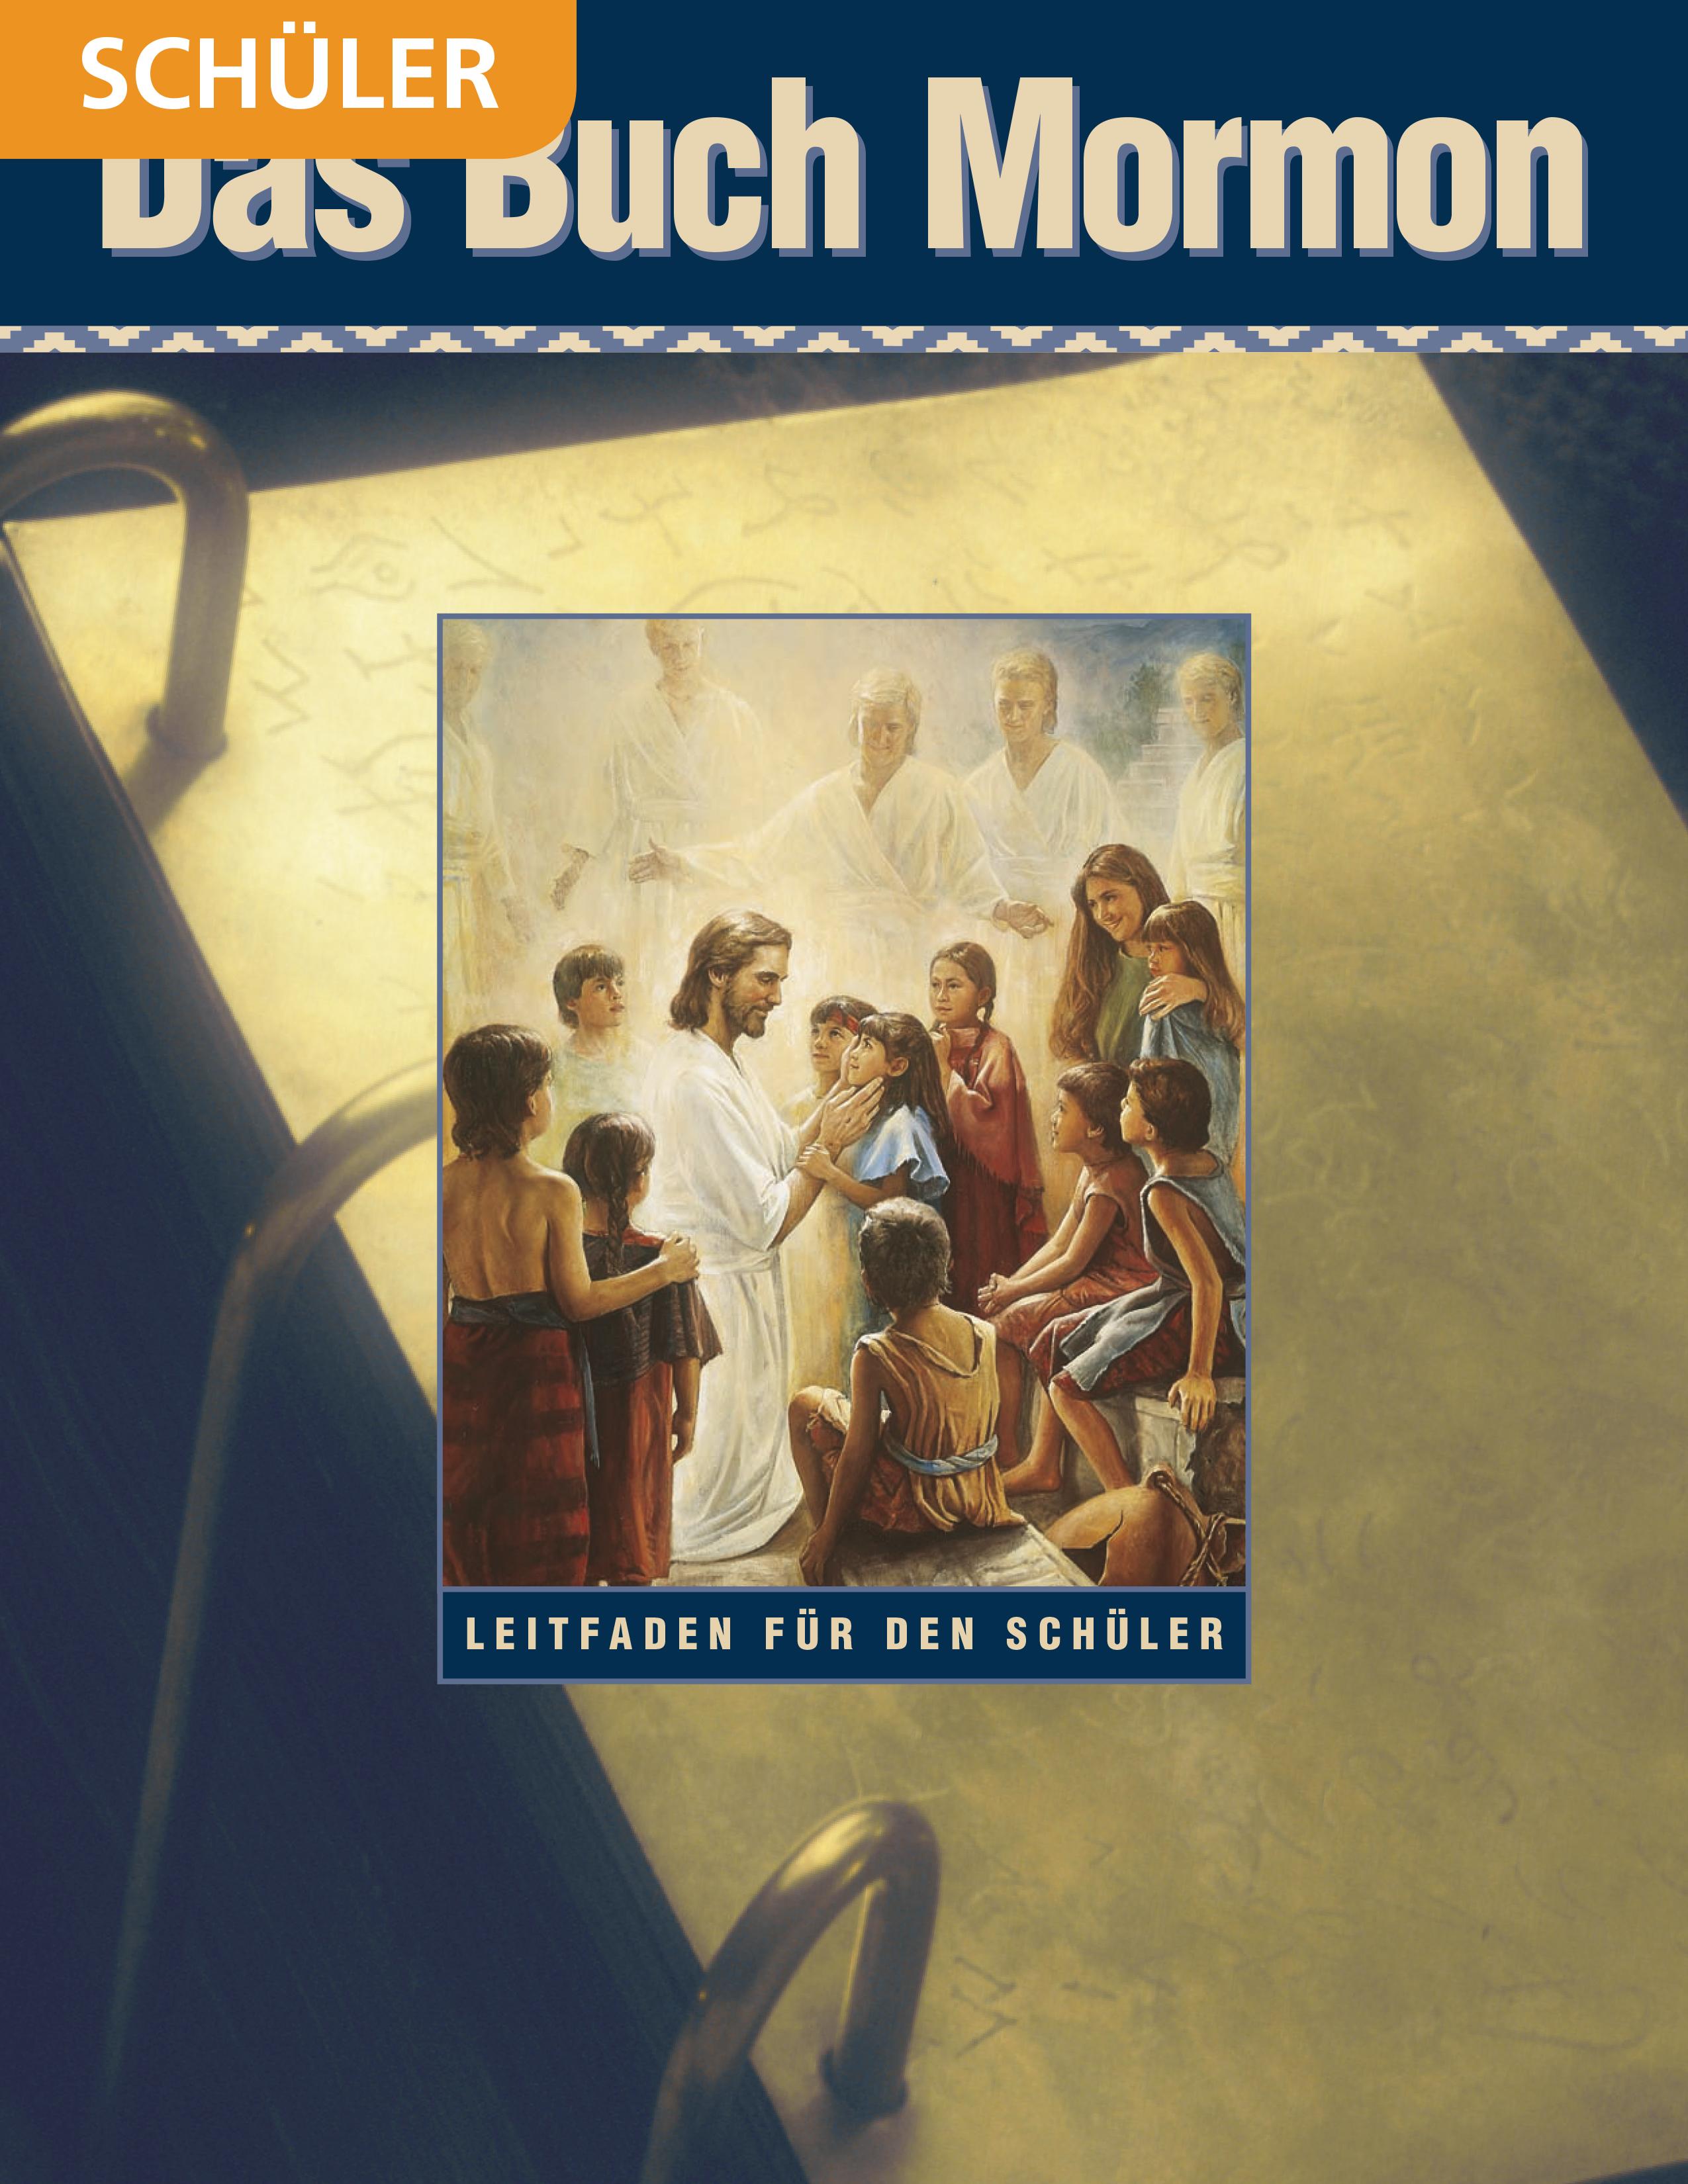 Das Buch Mormon– Schülerleitfaden für das Seminar